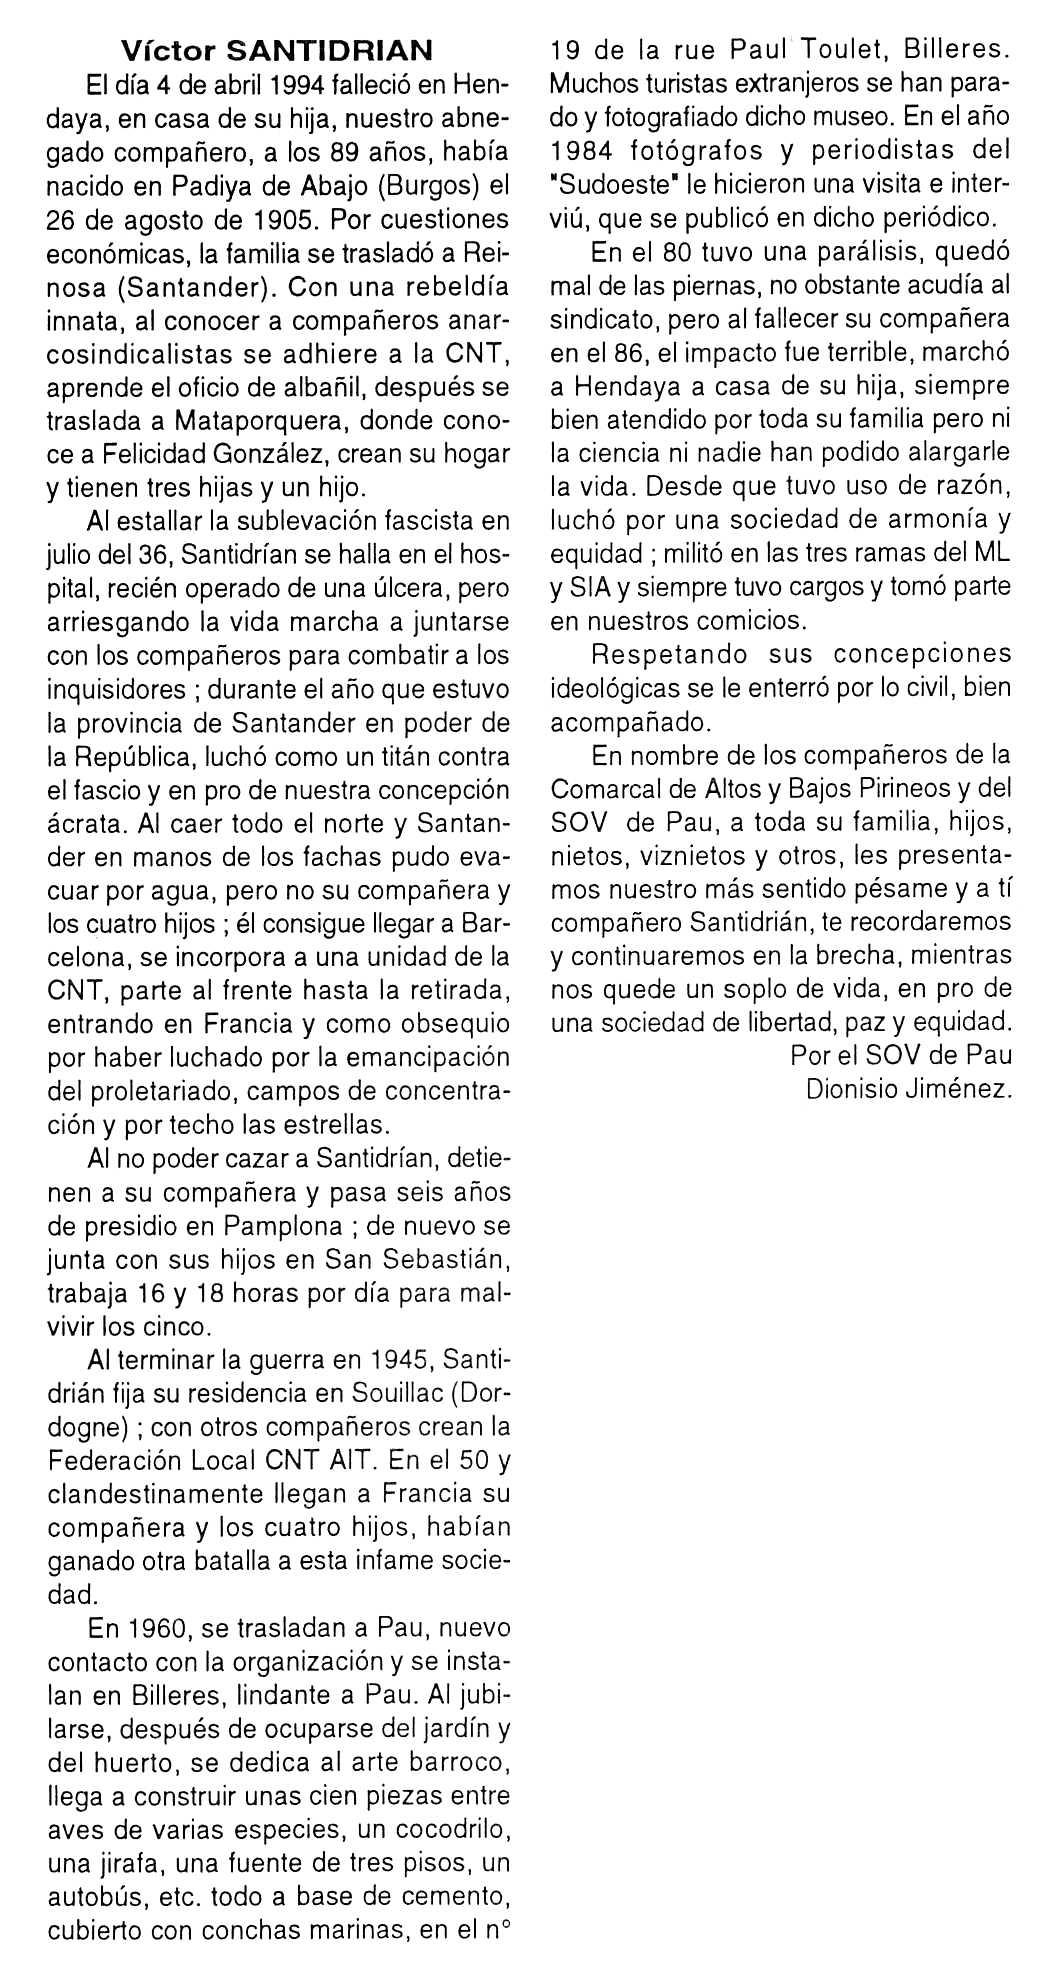 """Necrològica de Víctor Santidrián García apareguda en el periòdic tolosà """"Cenit"""" del 14 de juny de 1994"""